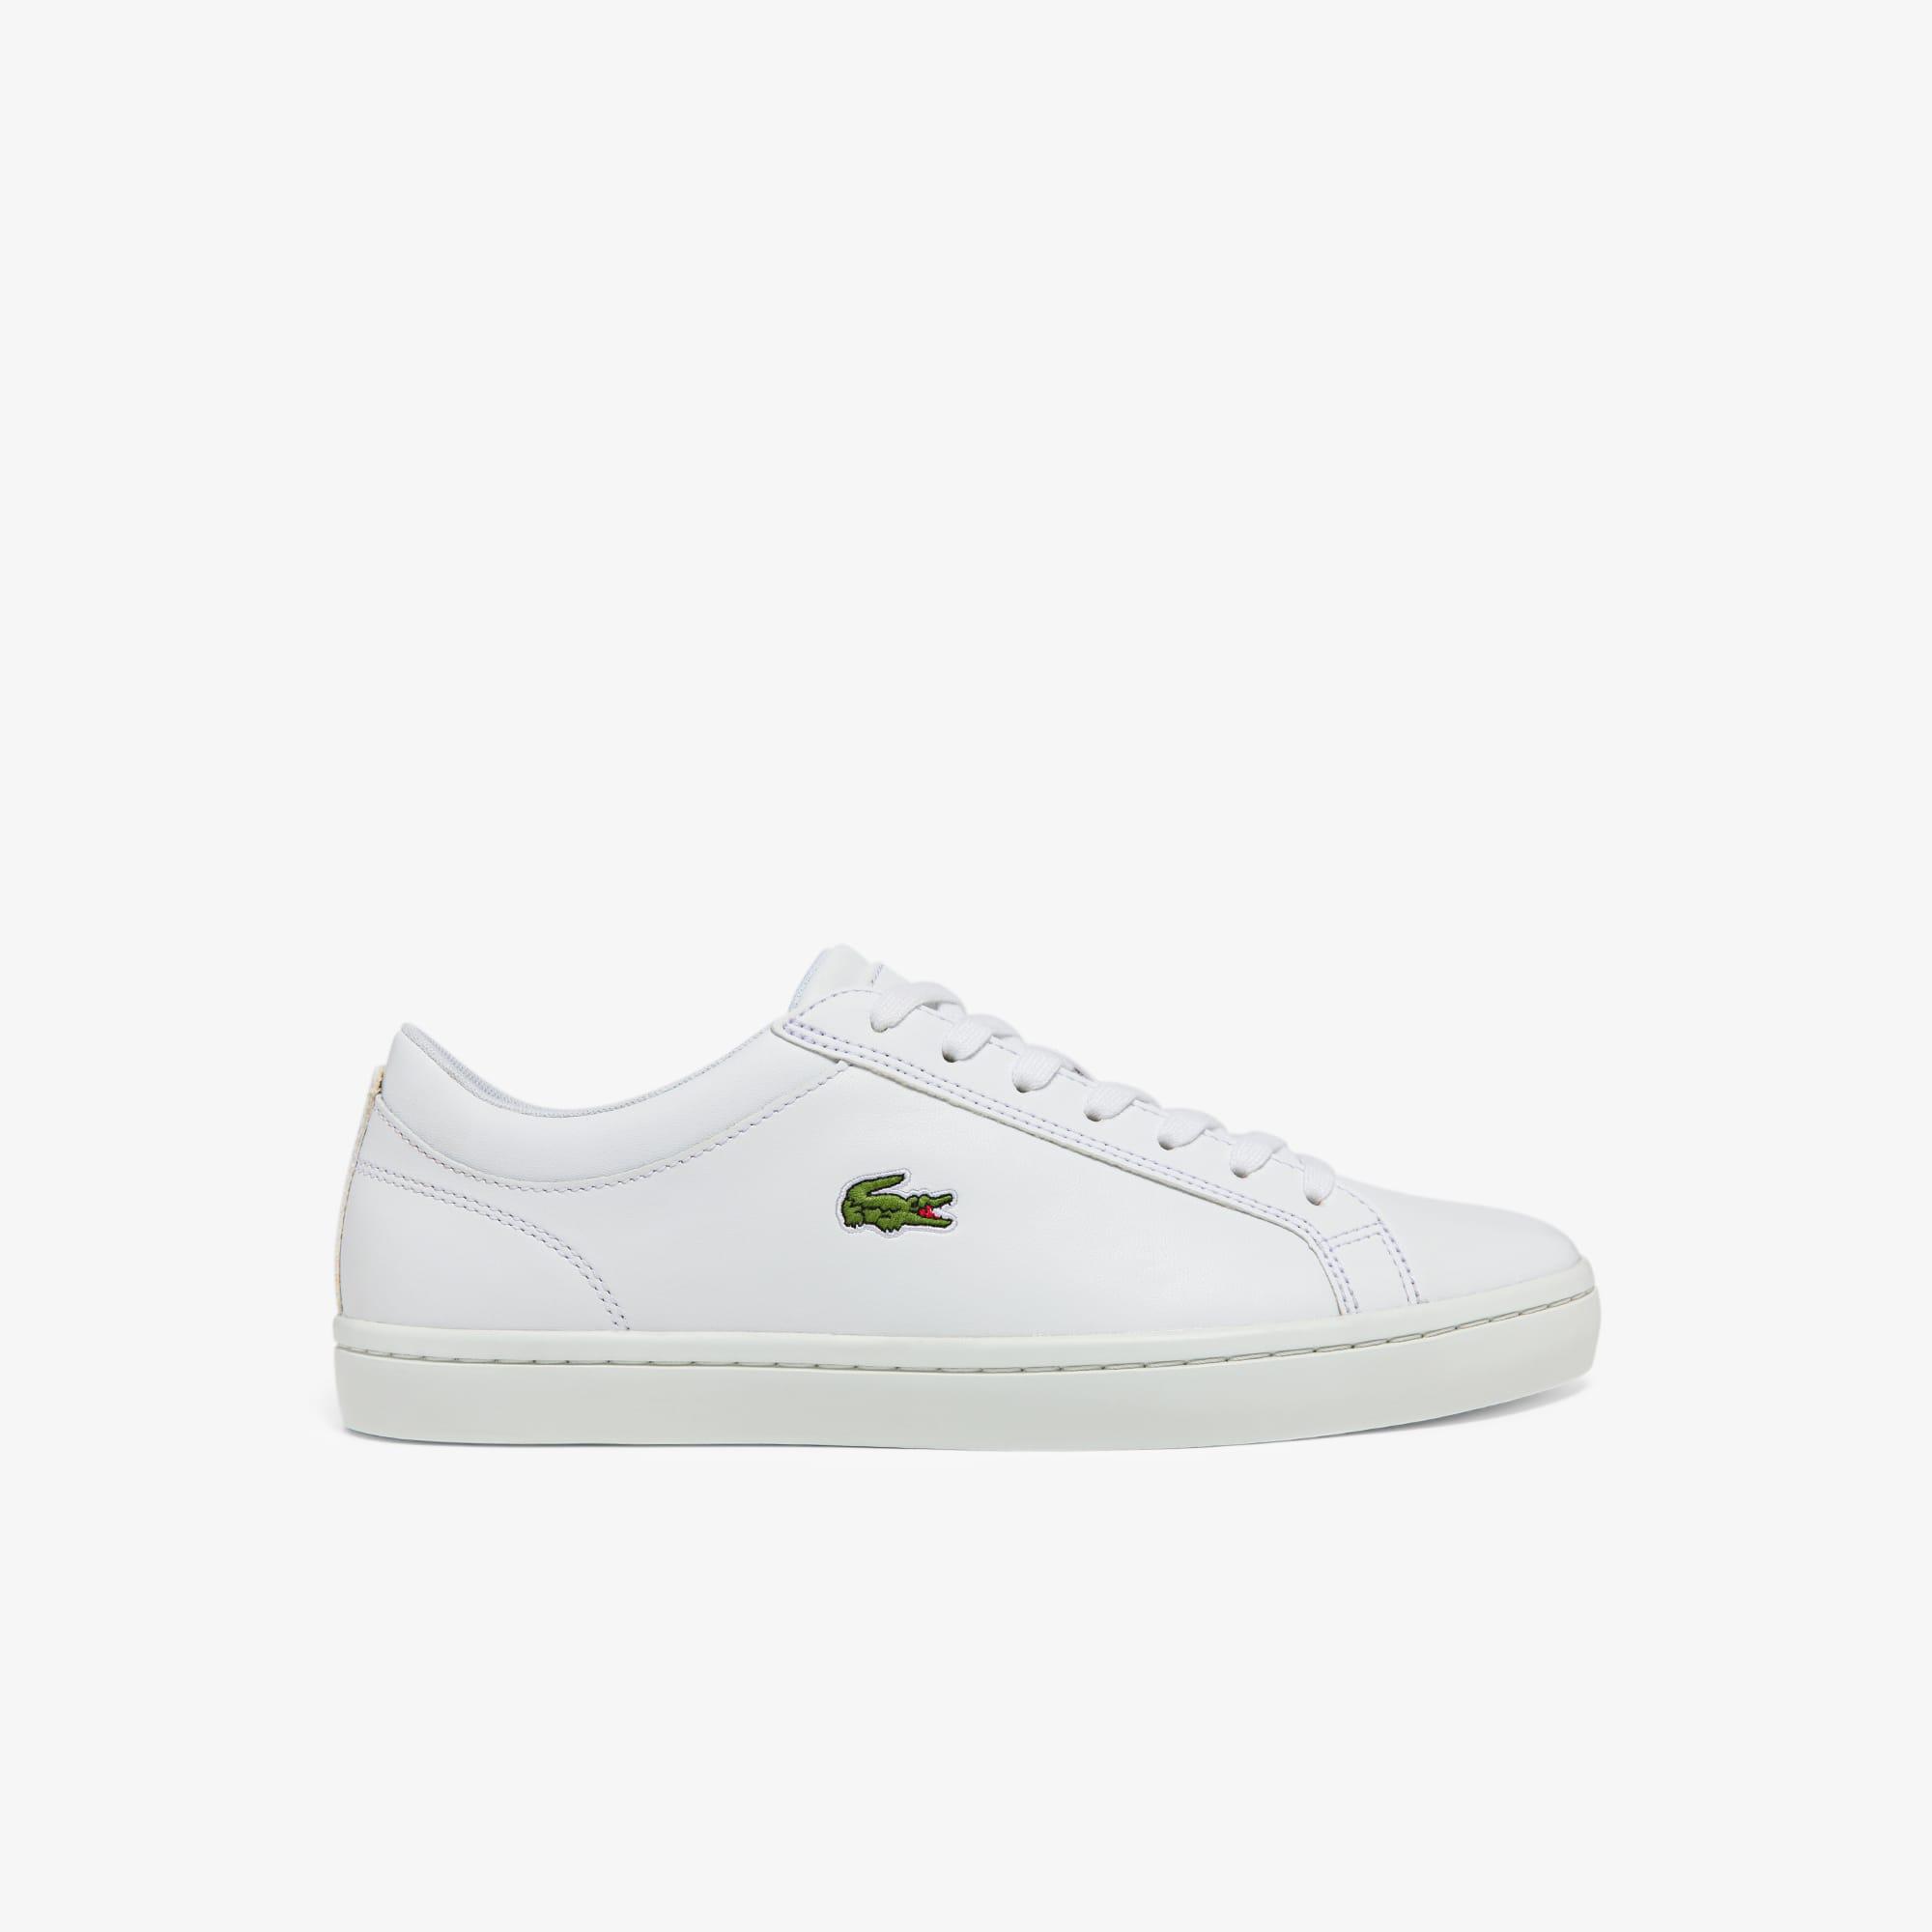 c7be9de64c Sneakers homme, baskets et chaussures homme | LACOSTE